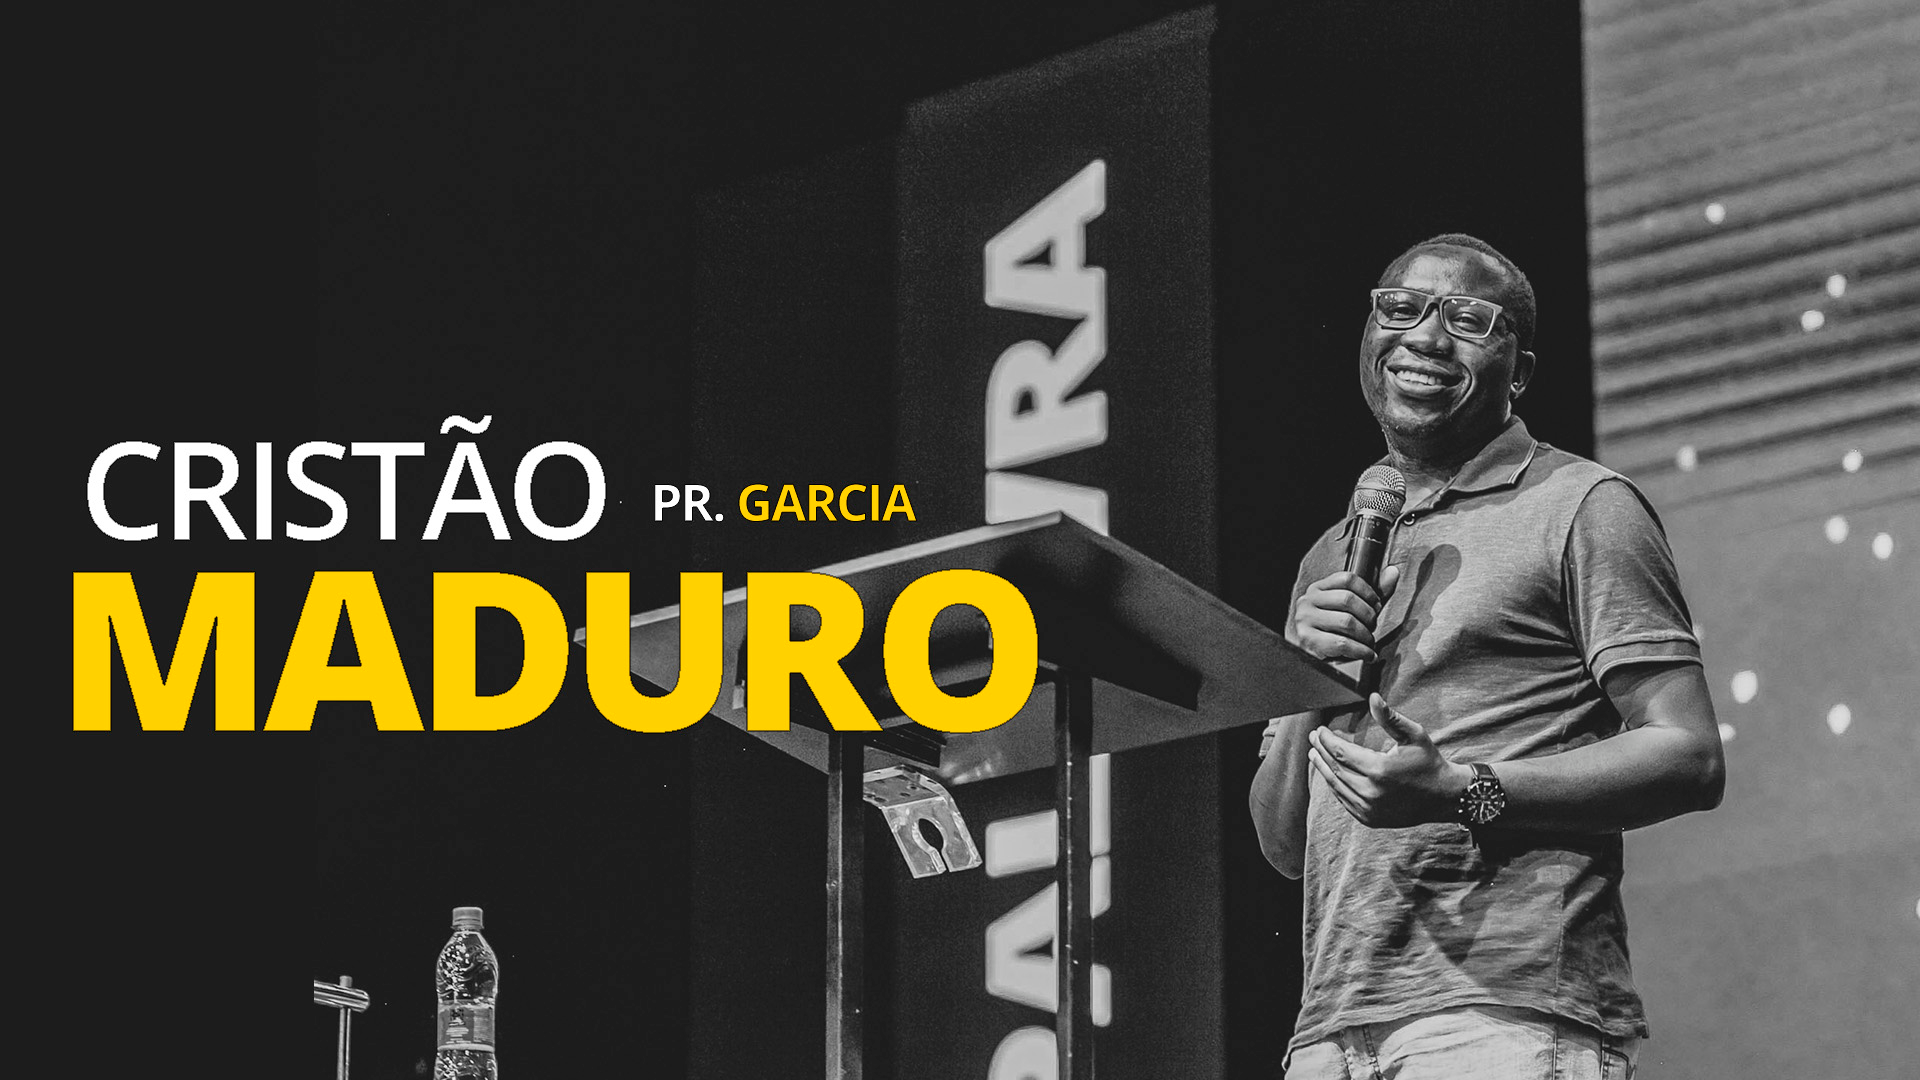 CRISTÃO MADURO